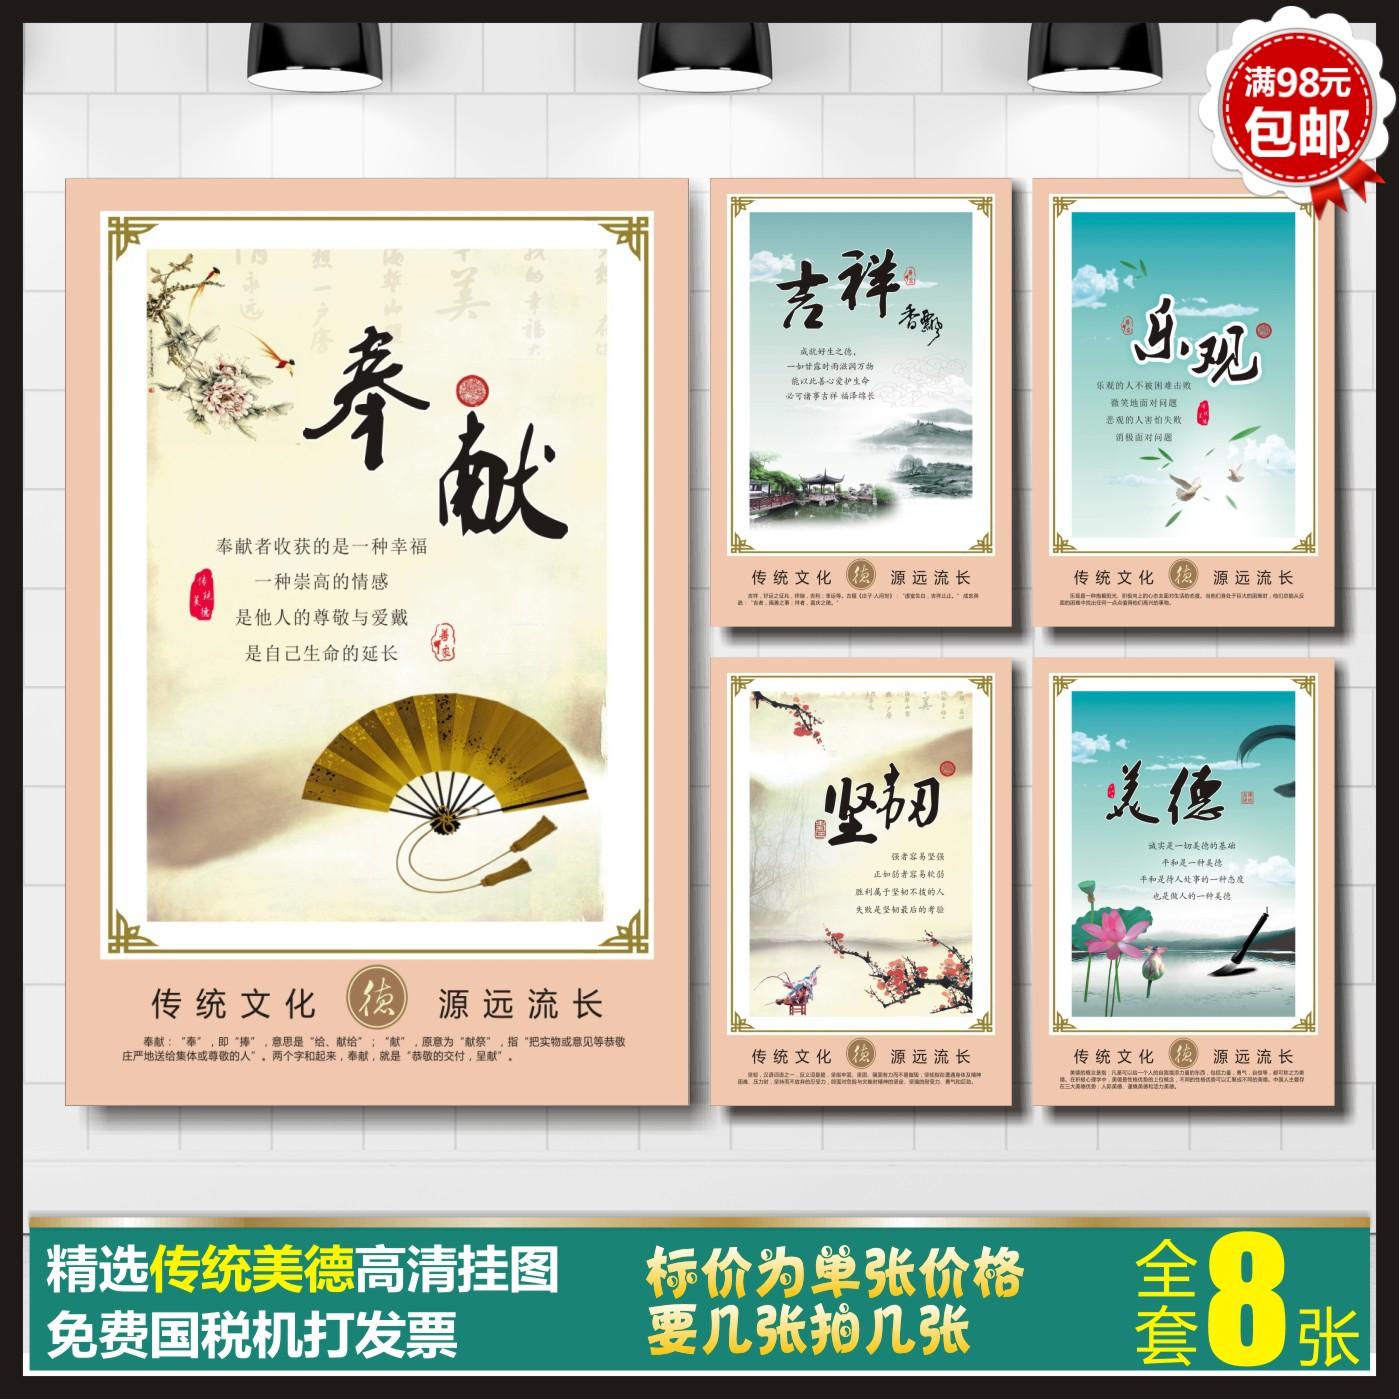 医院文化传染病预防肺结核疟疾乙脑脊髓灰质炎肺炎宣传挂图画海报